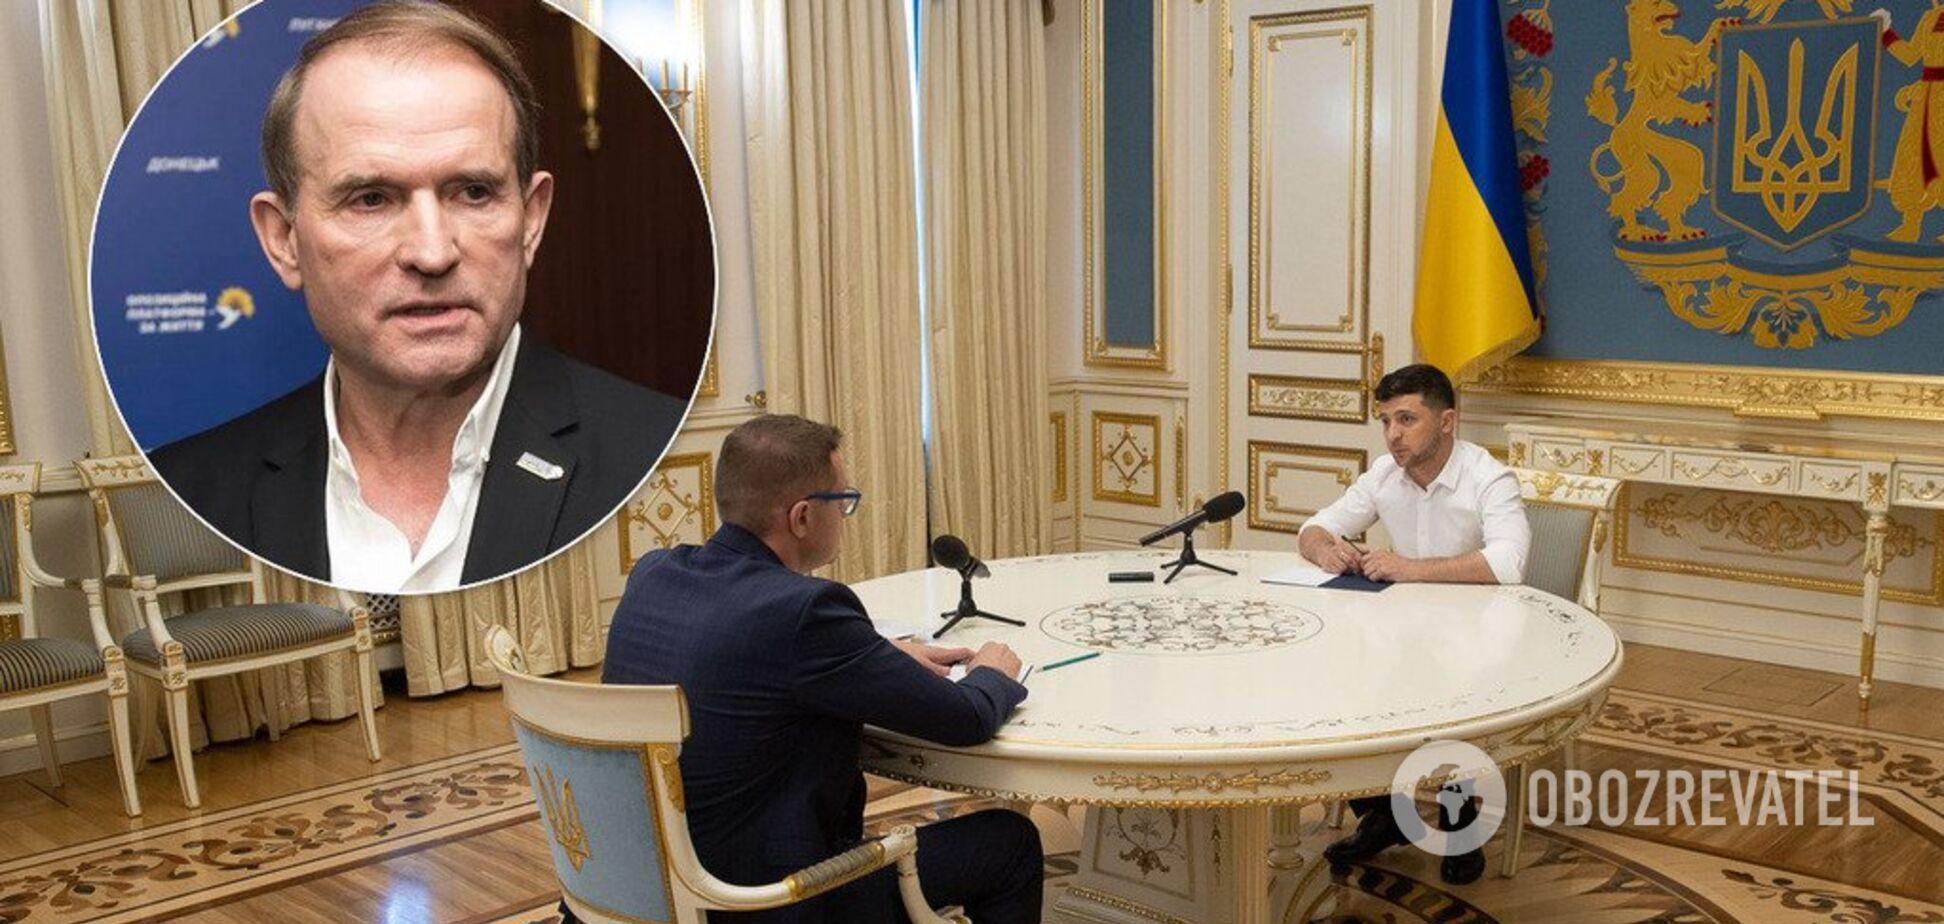 'Мы на него давим': Баканов рассказал, как пытался с Зеленским 'посадить' Медведчука